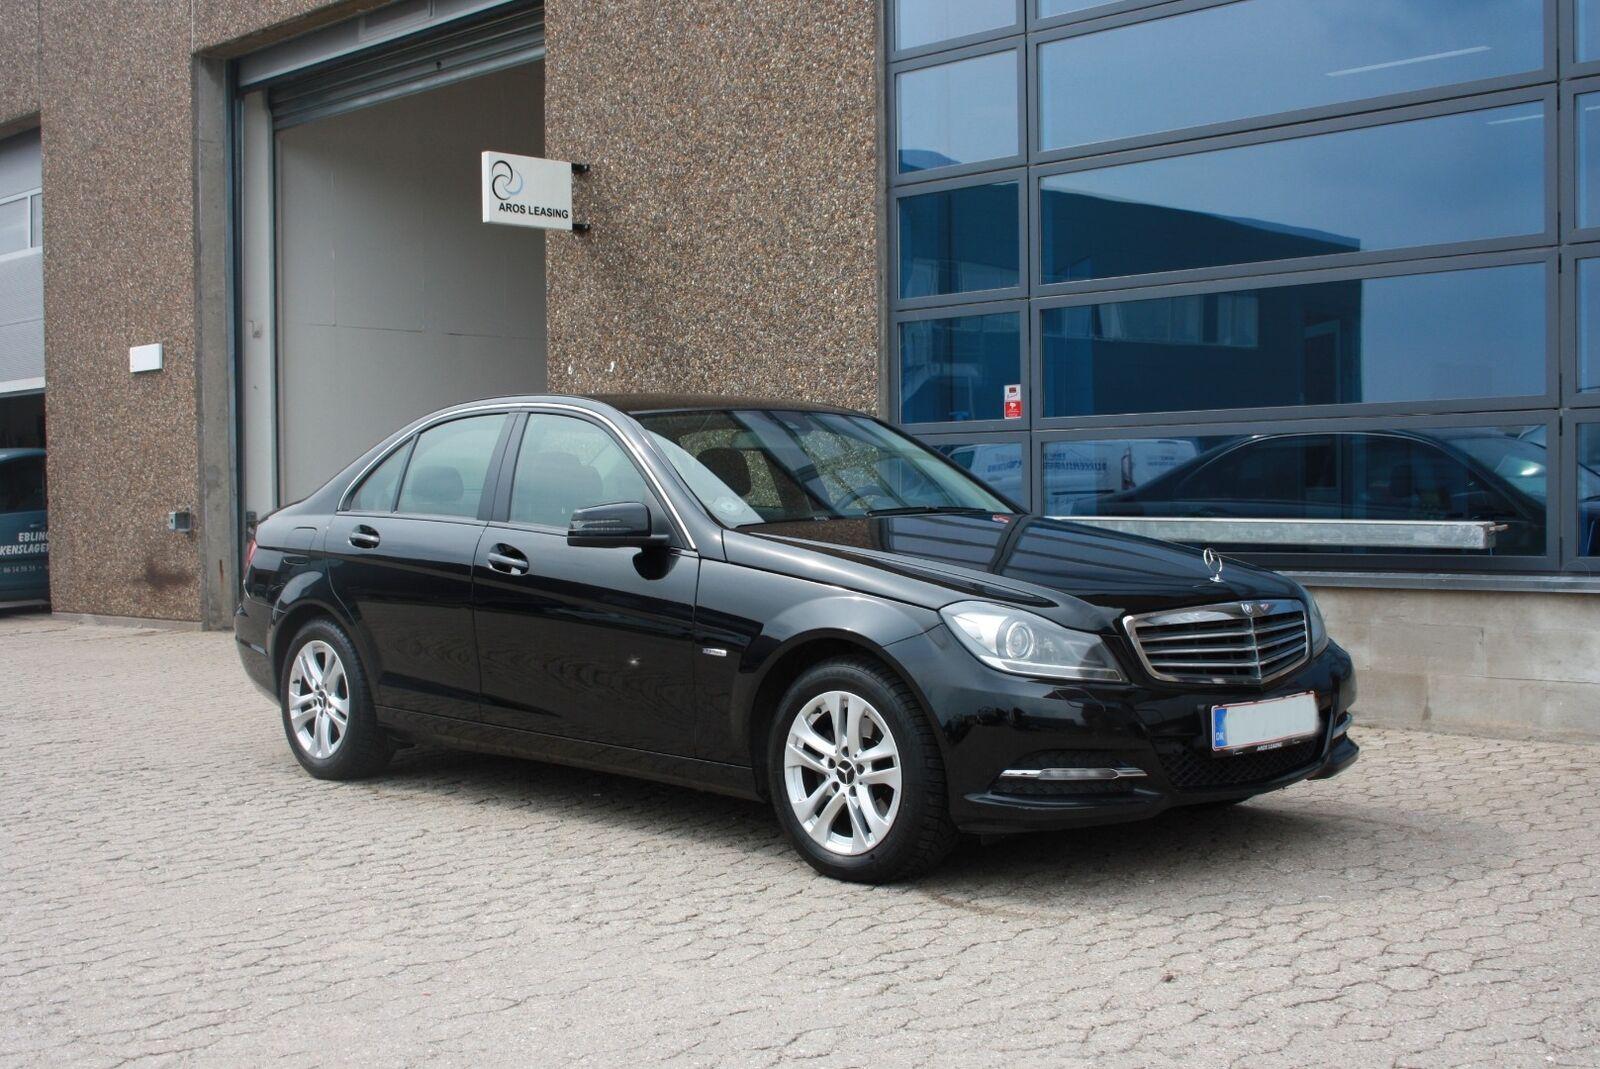 Mercedes C200 2,2 CDi aut. BE 4d - 1.850 kr.